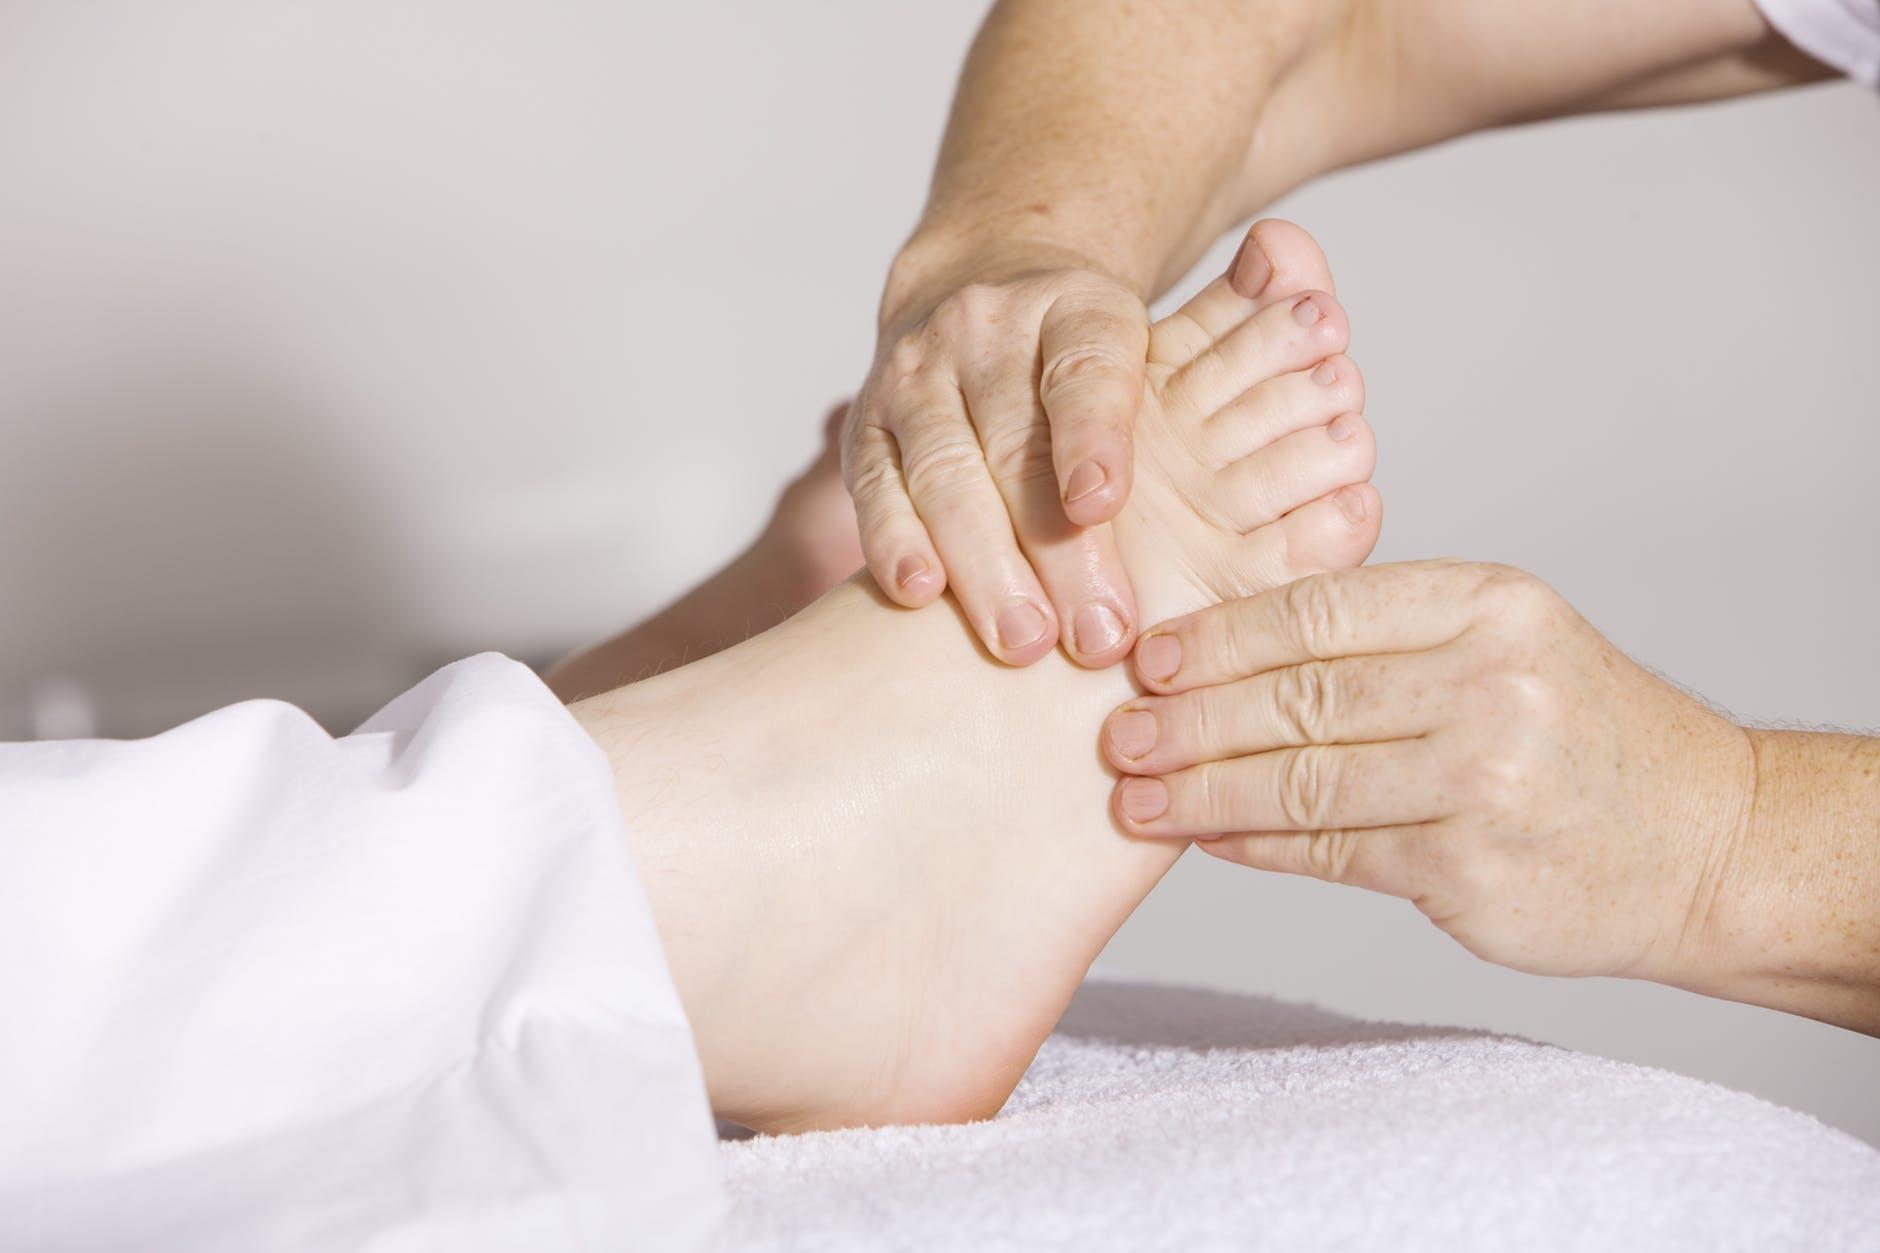 טיפול בדיקור סיני לכאבים בכף הרגל